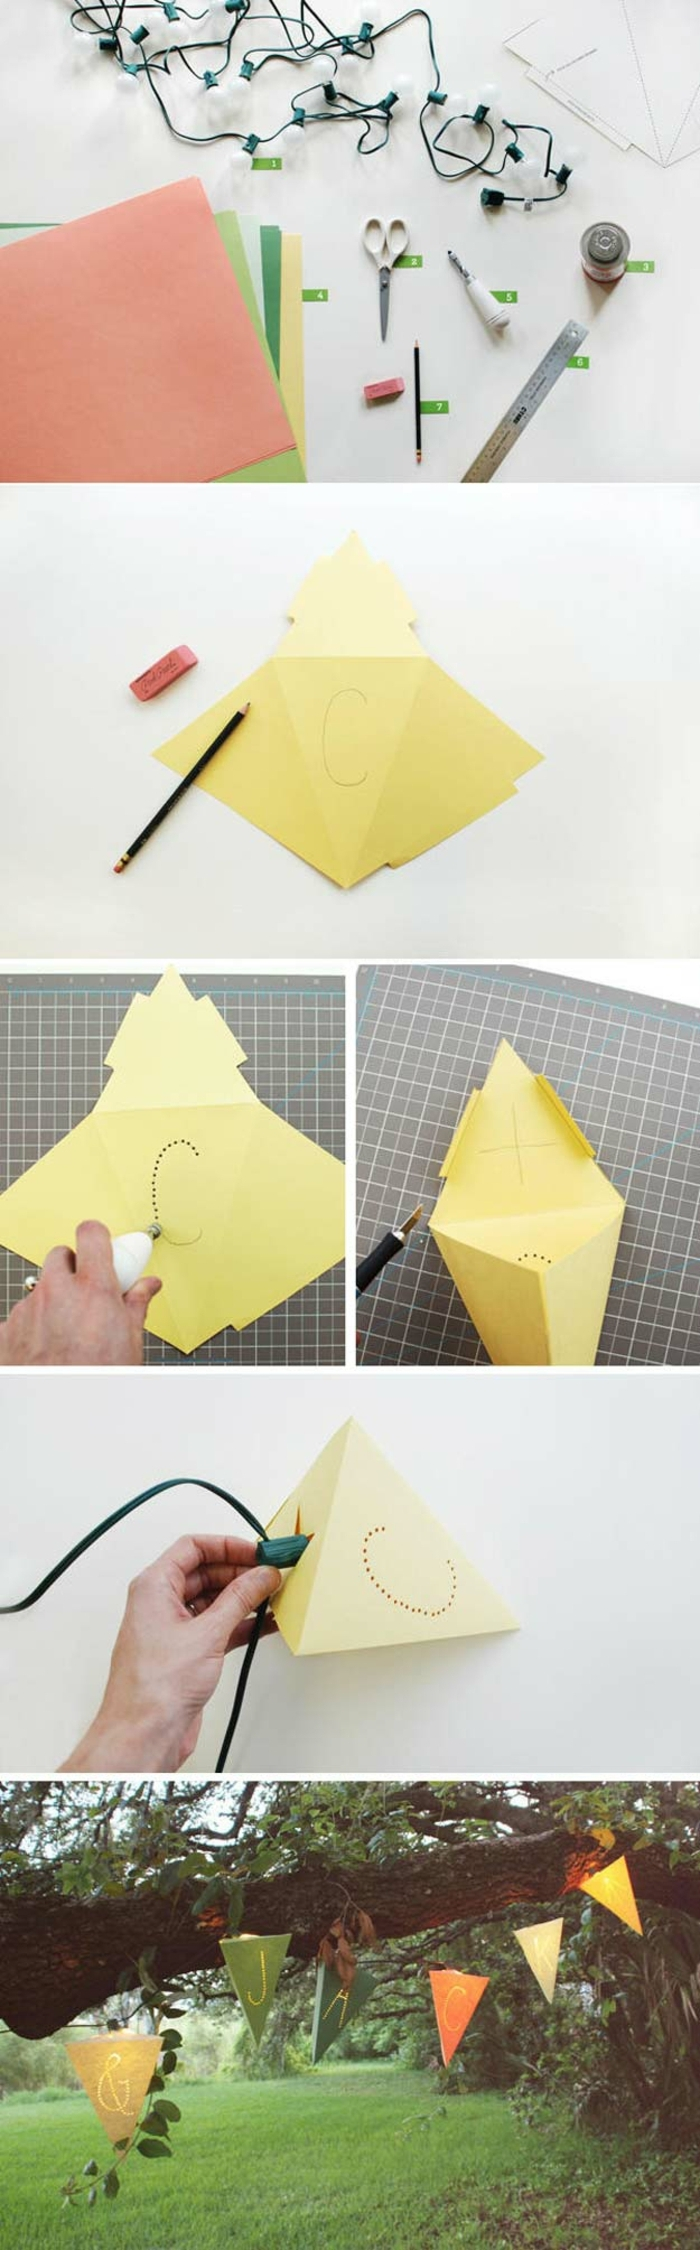 1001 projets diy super cool pour fabriquer un luminaire - Fabriquer guirlande lumineuse ...